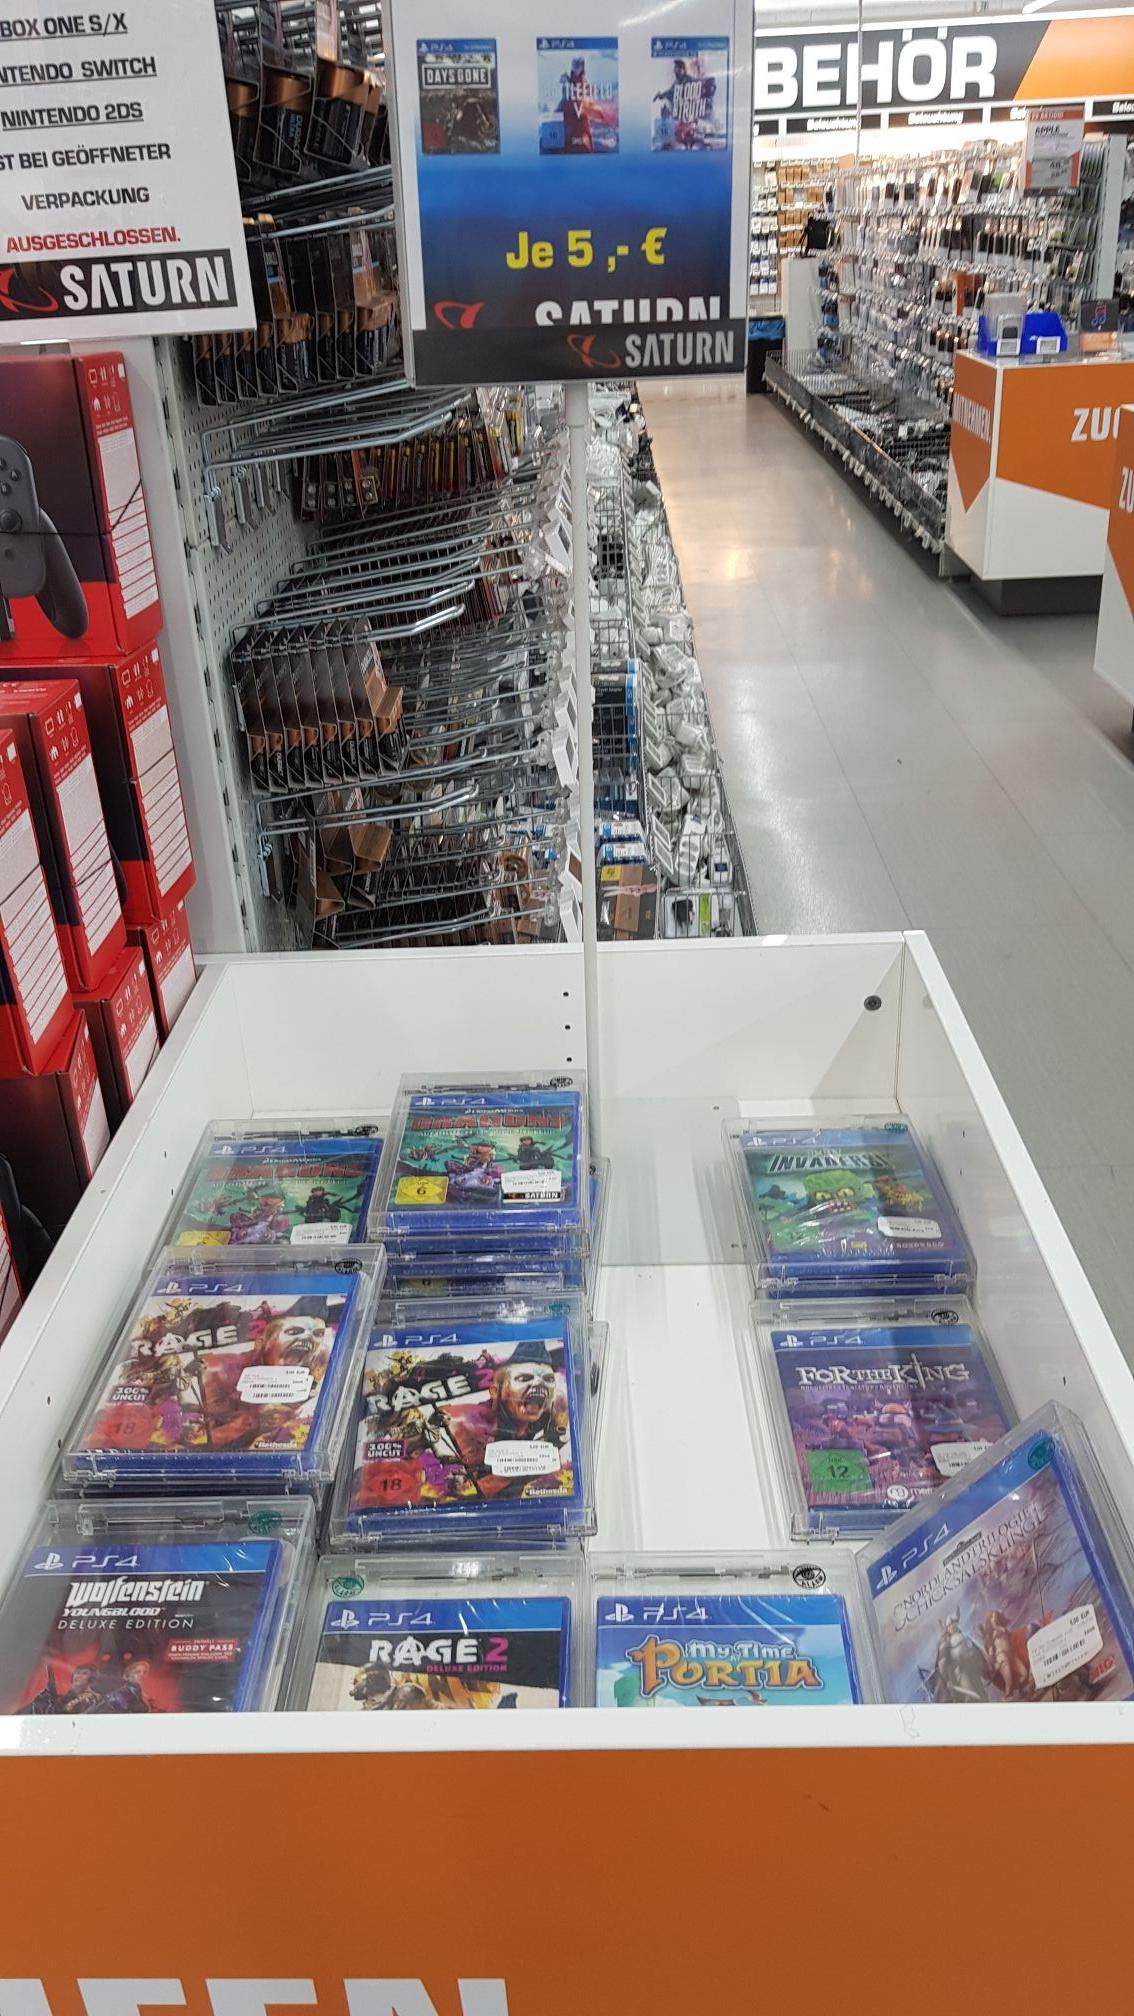 PS4 Rage 2, Wolfenstein Young Blood etc. für 5€ München Stachus [lokal]